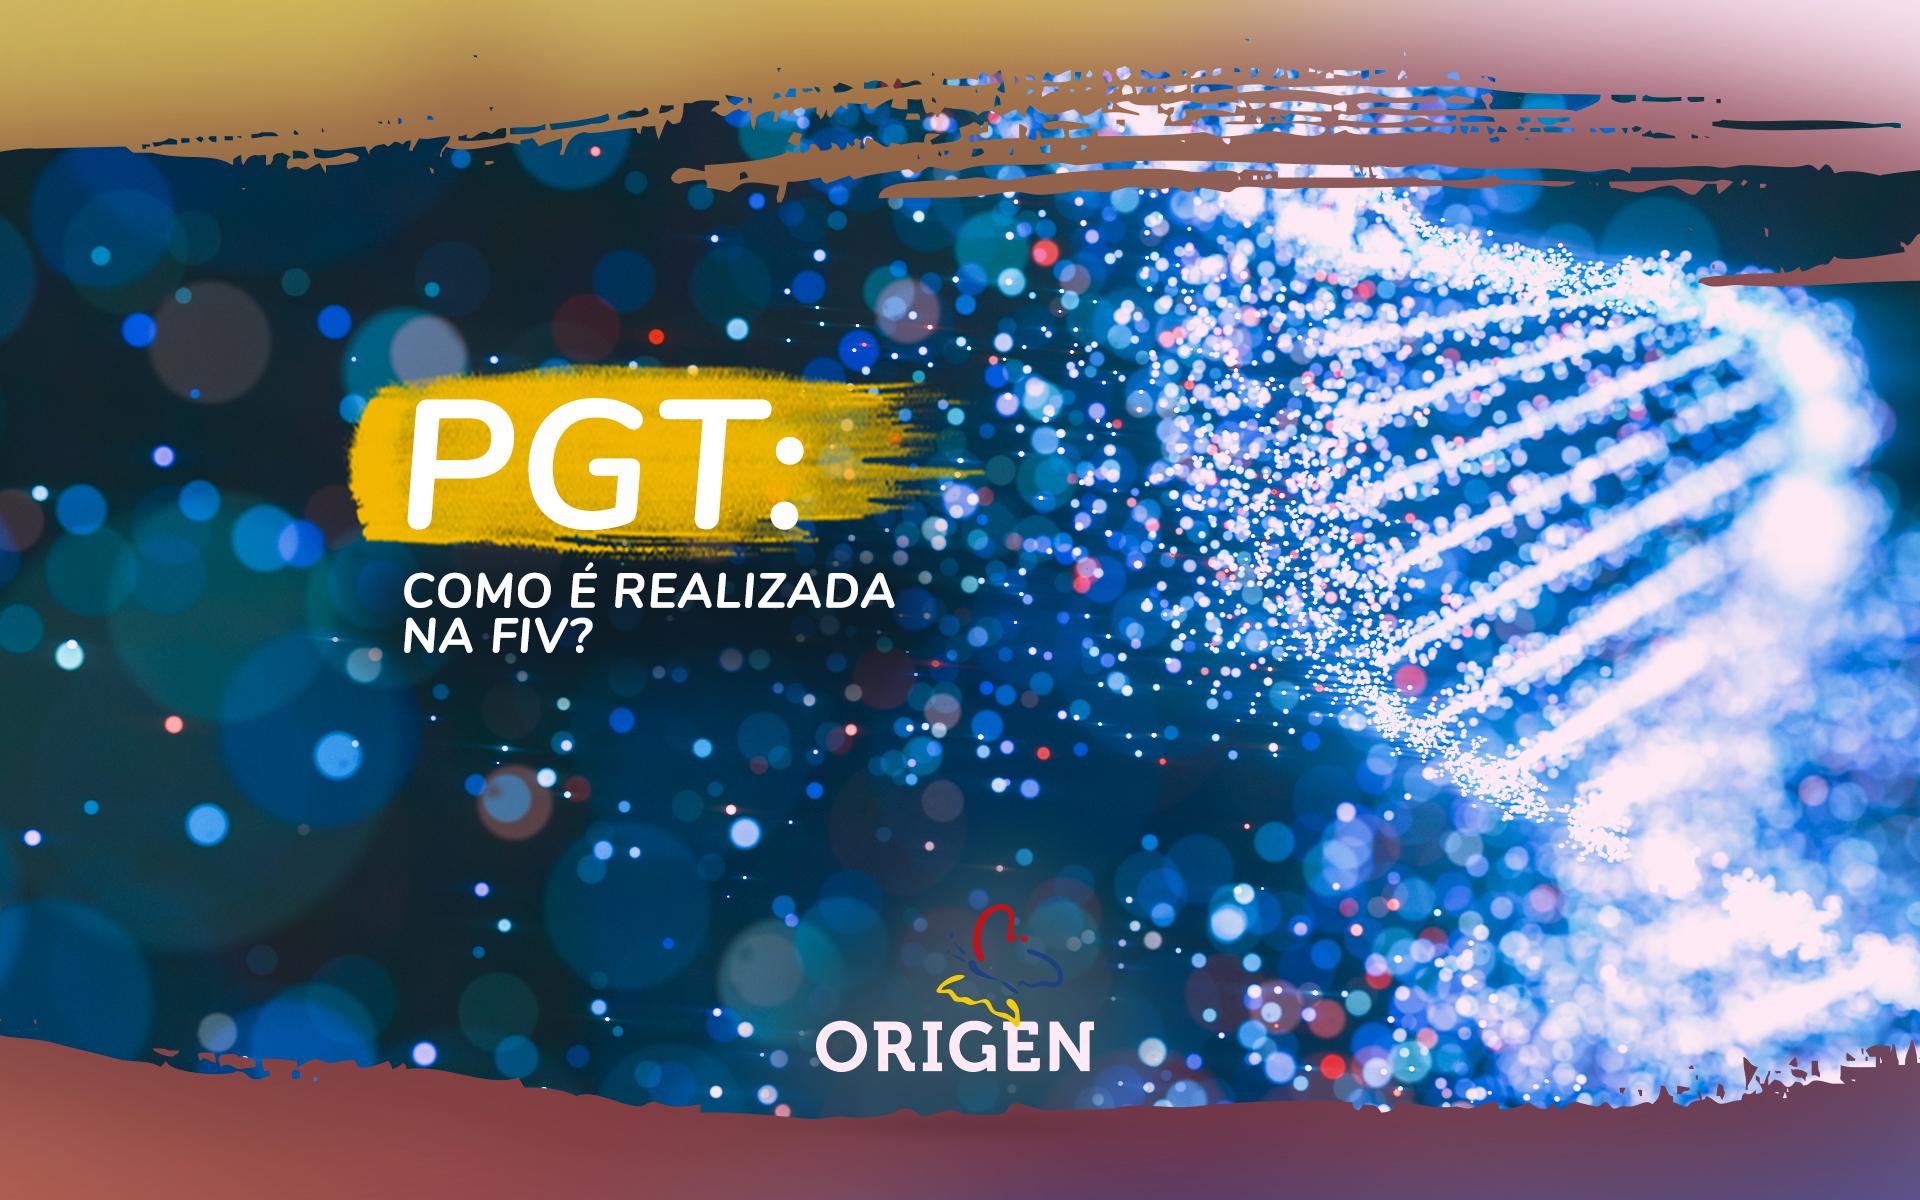 PGT: como é realizada na FIV?